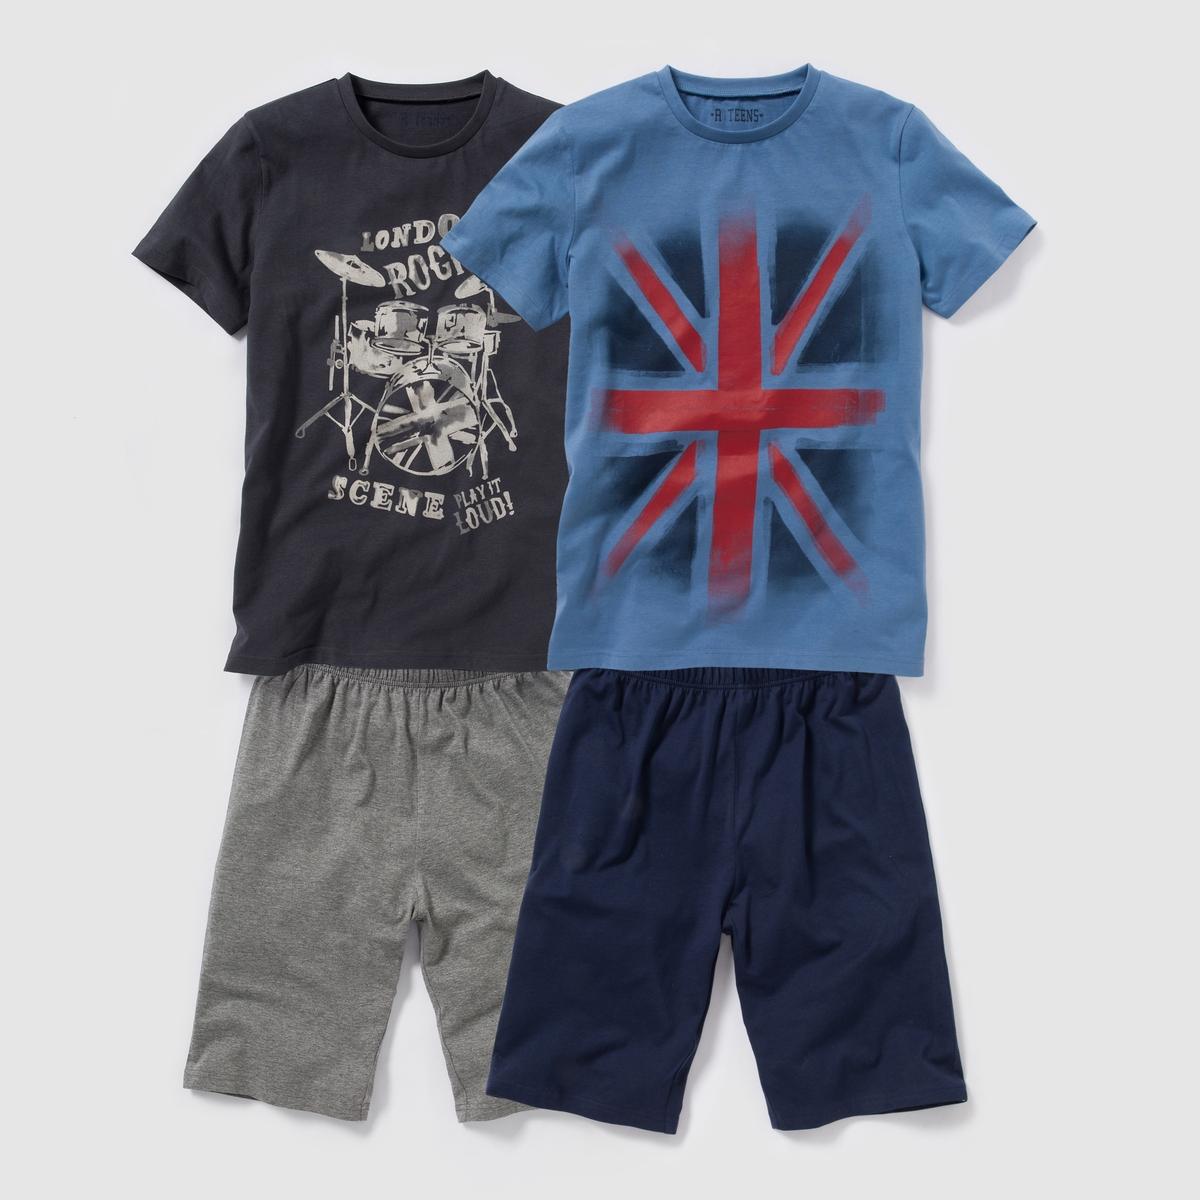 2 пижамы из джерси с рисунком, 100% хлопка, 10-16 лет